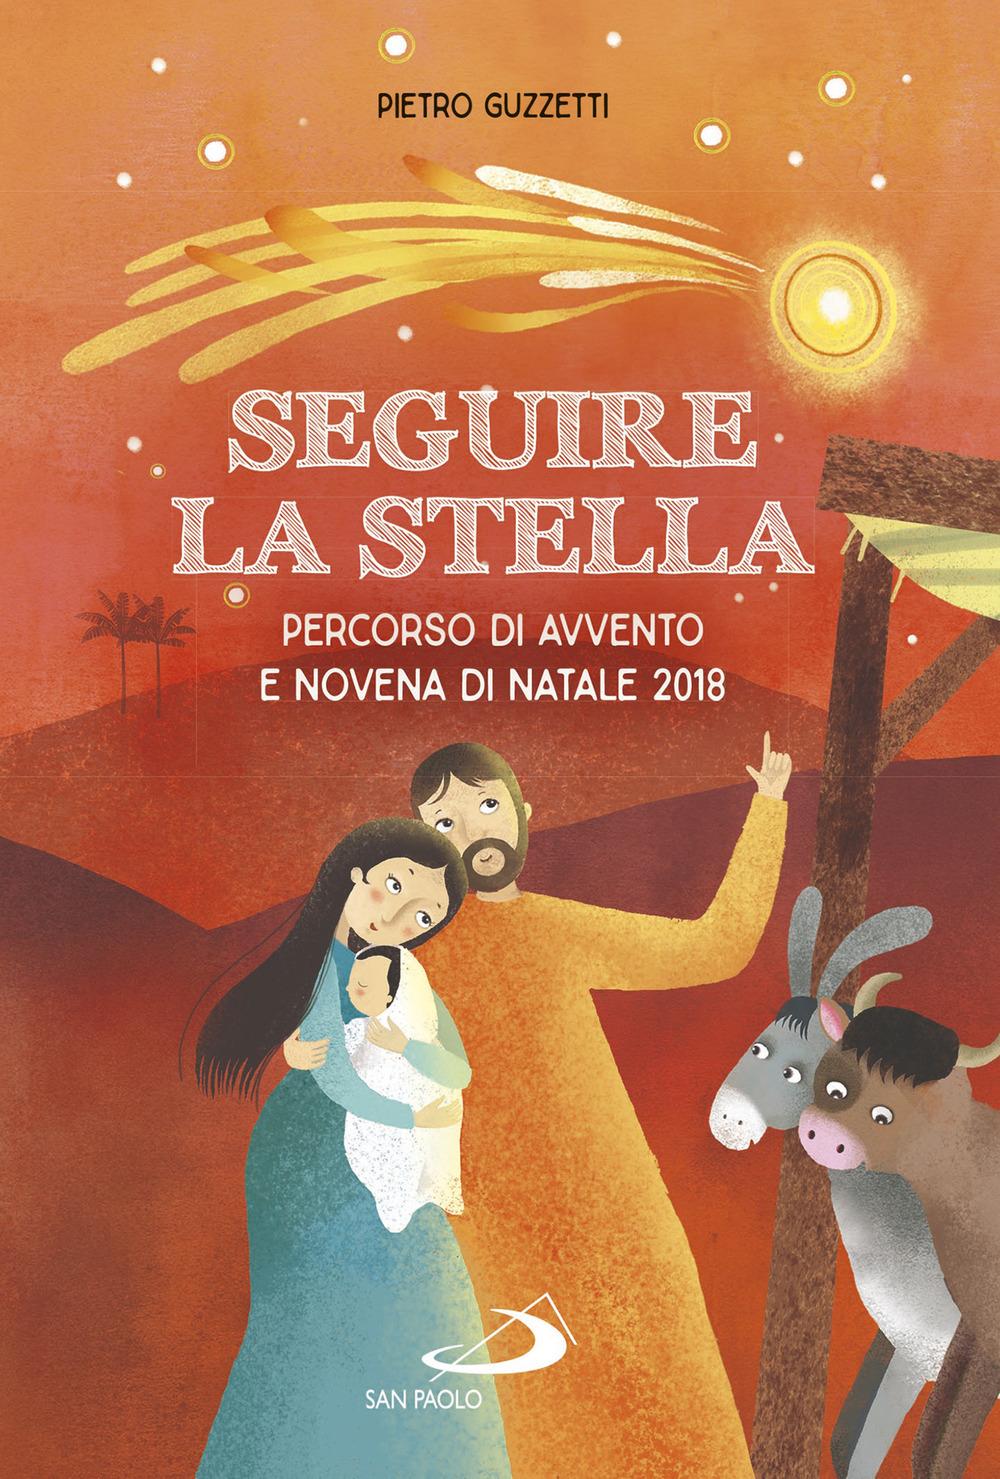 Seguire_stella_Percorso_Avvento_Novena_Natale_san_paolo_edizioni